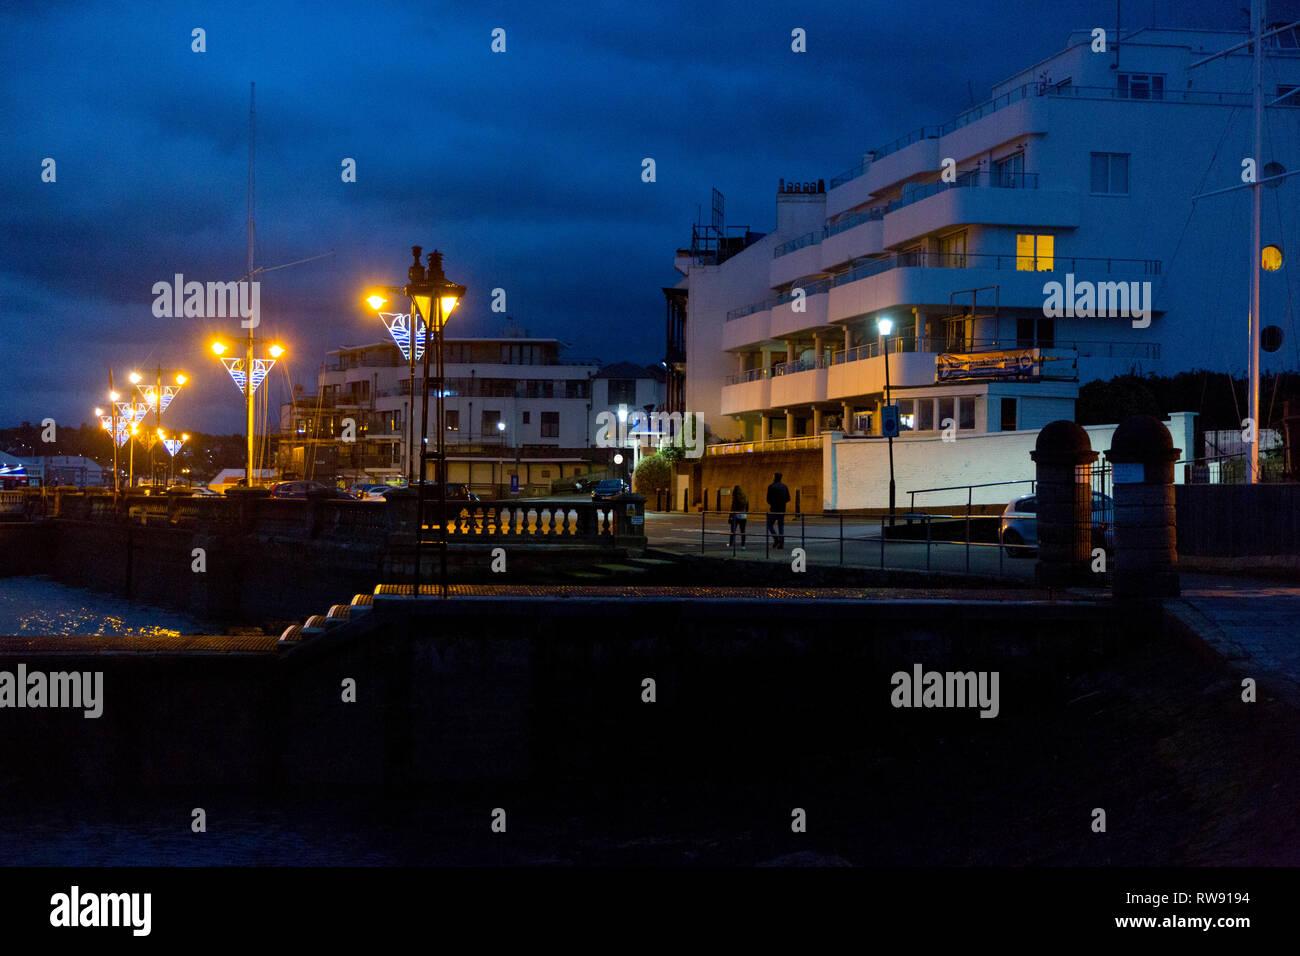 Teuer, Waterfront, Immobilien, Grundstücke, Appartements, Wohnungen, direkt am Meer, Meerblick, Ansichten, Haus, Häuser, modern, neu, Bauen, Investitionen, Gelegenheit, Cowes Stockbild